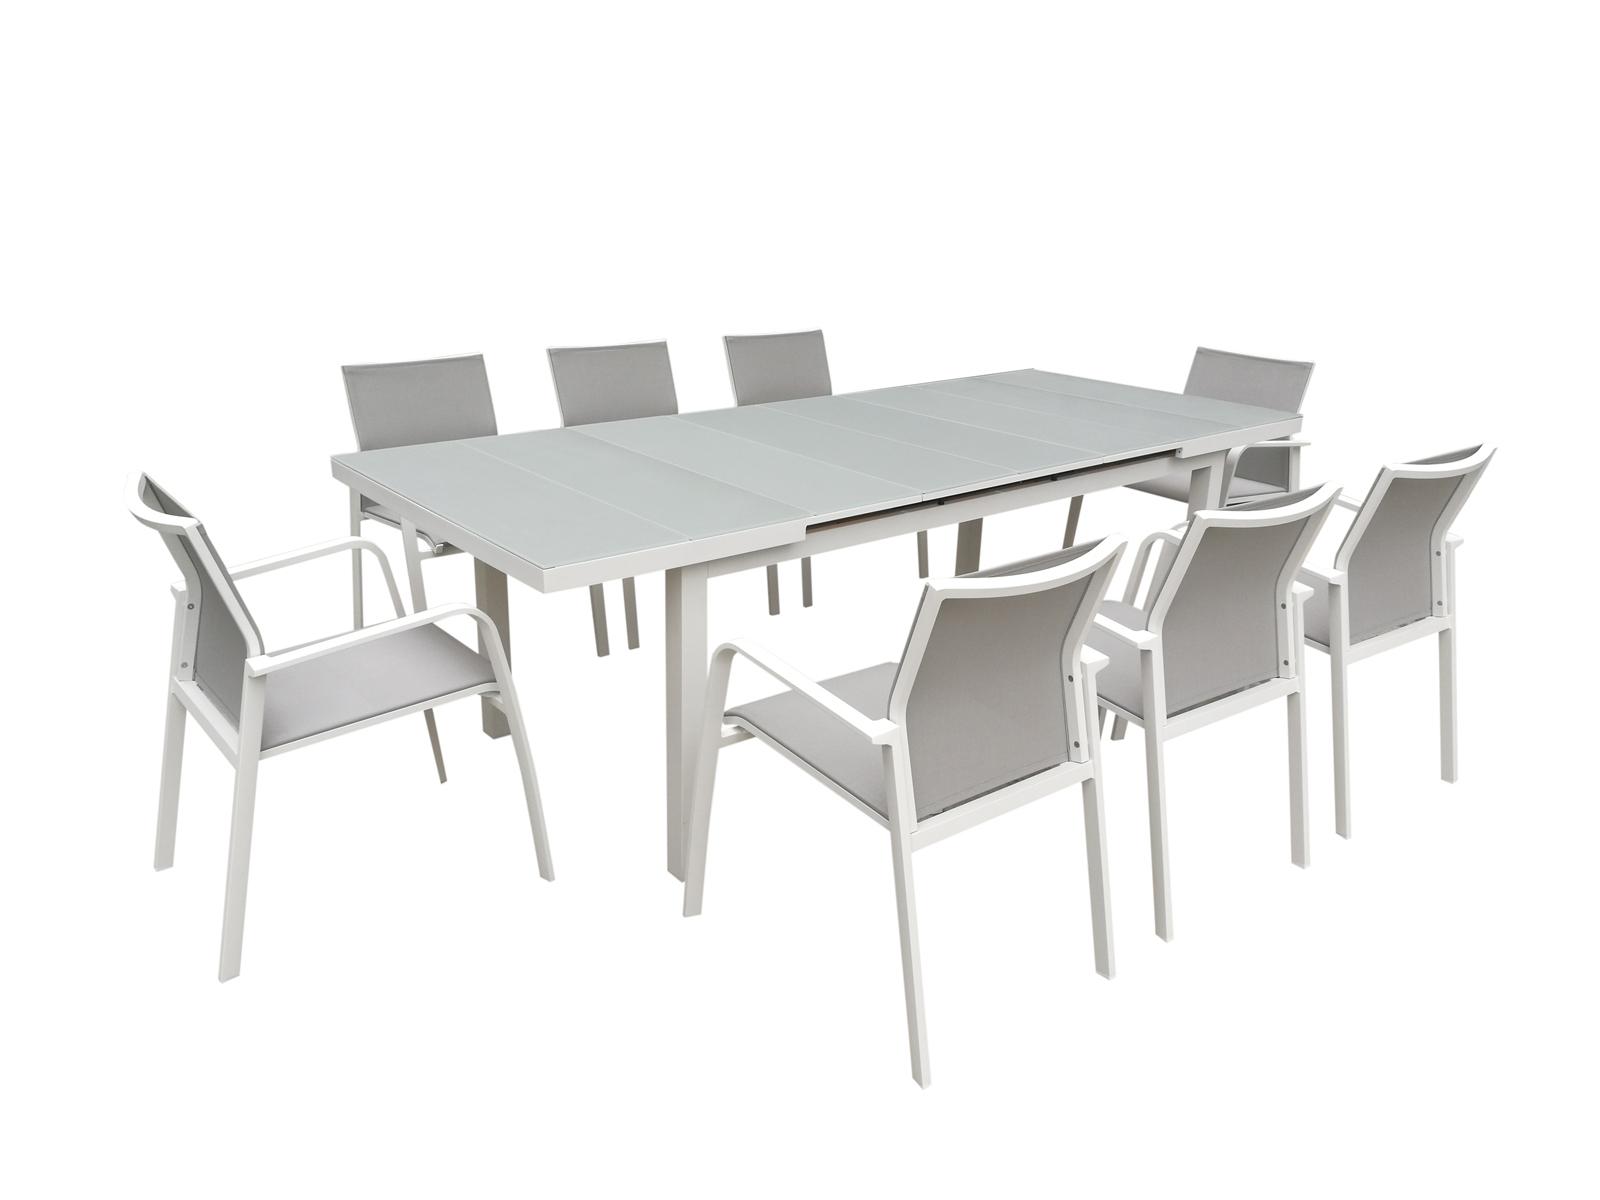 Table De Jardin Extensible Nice 180/240Cm En Aluminium Blanc Gris Et  Plateau Verre Blanc Gris à Table De Jardin Dessus Verre